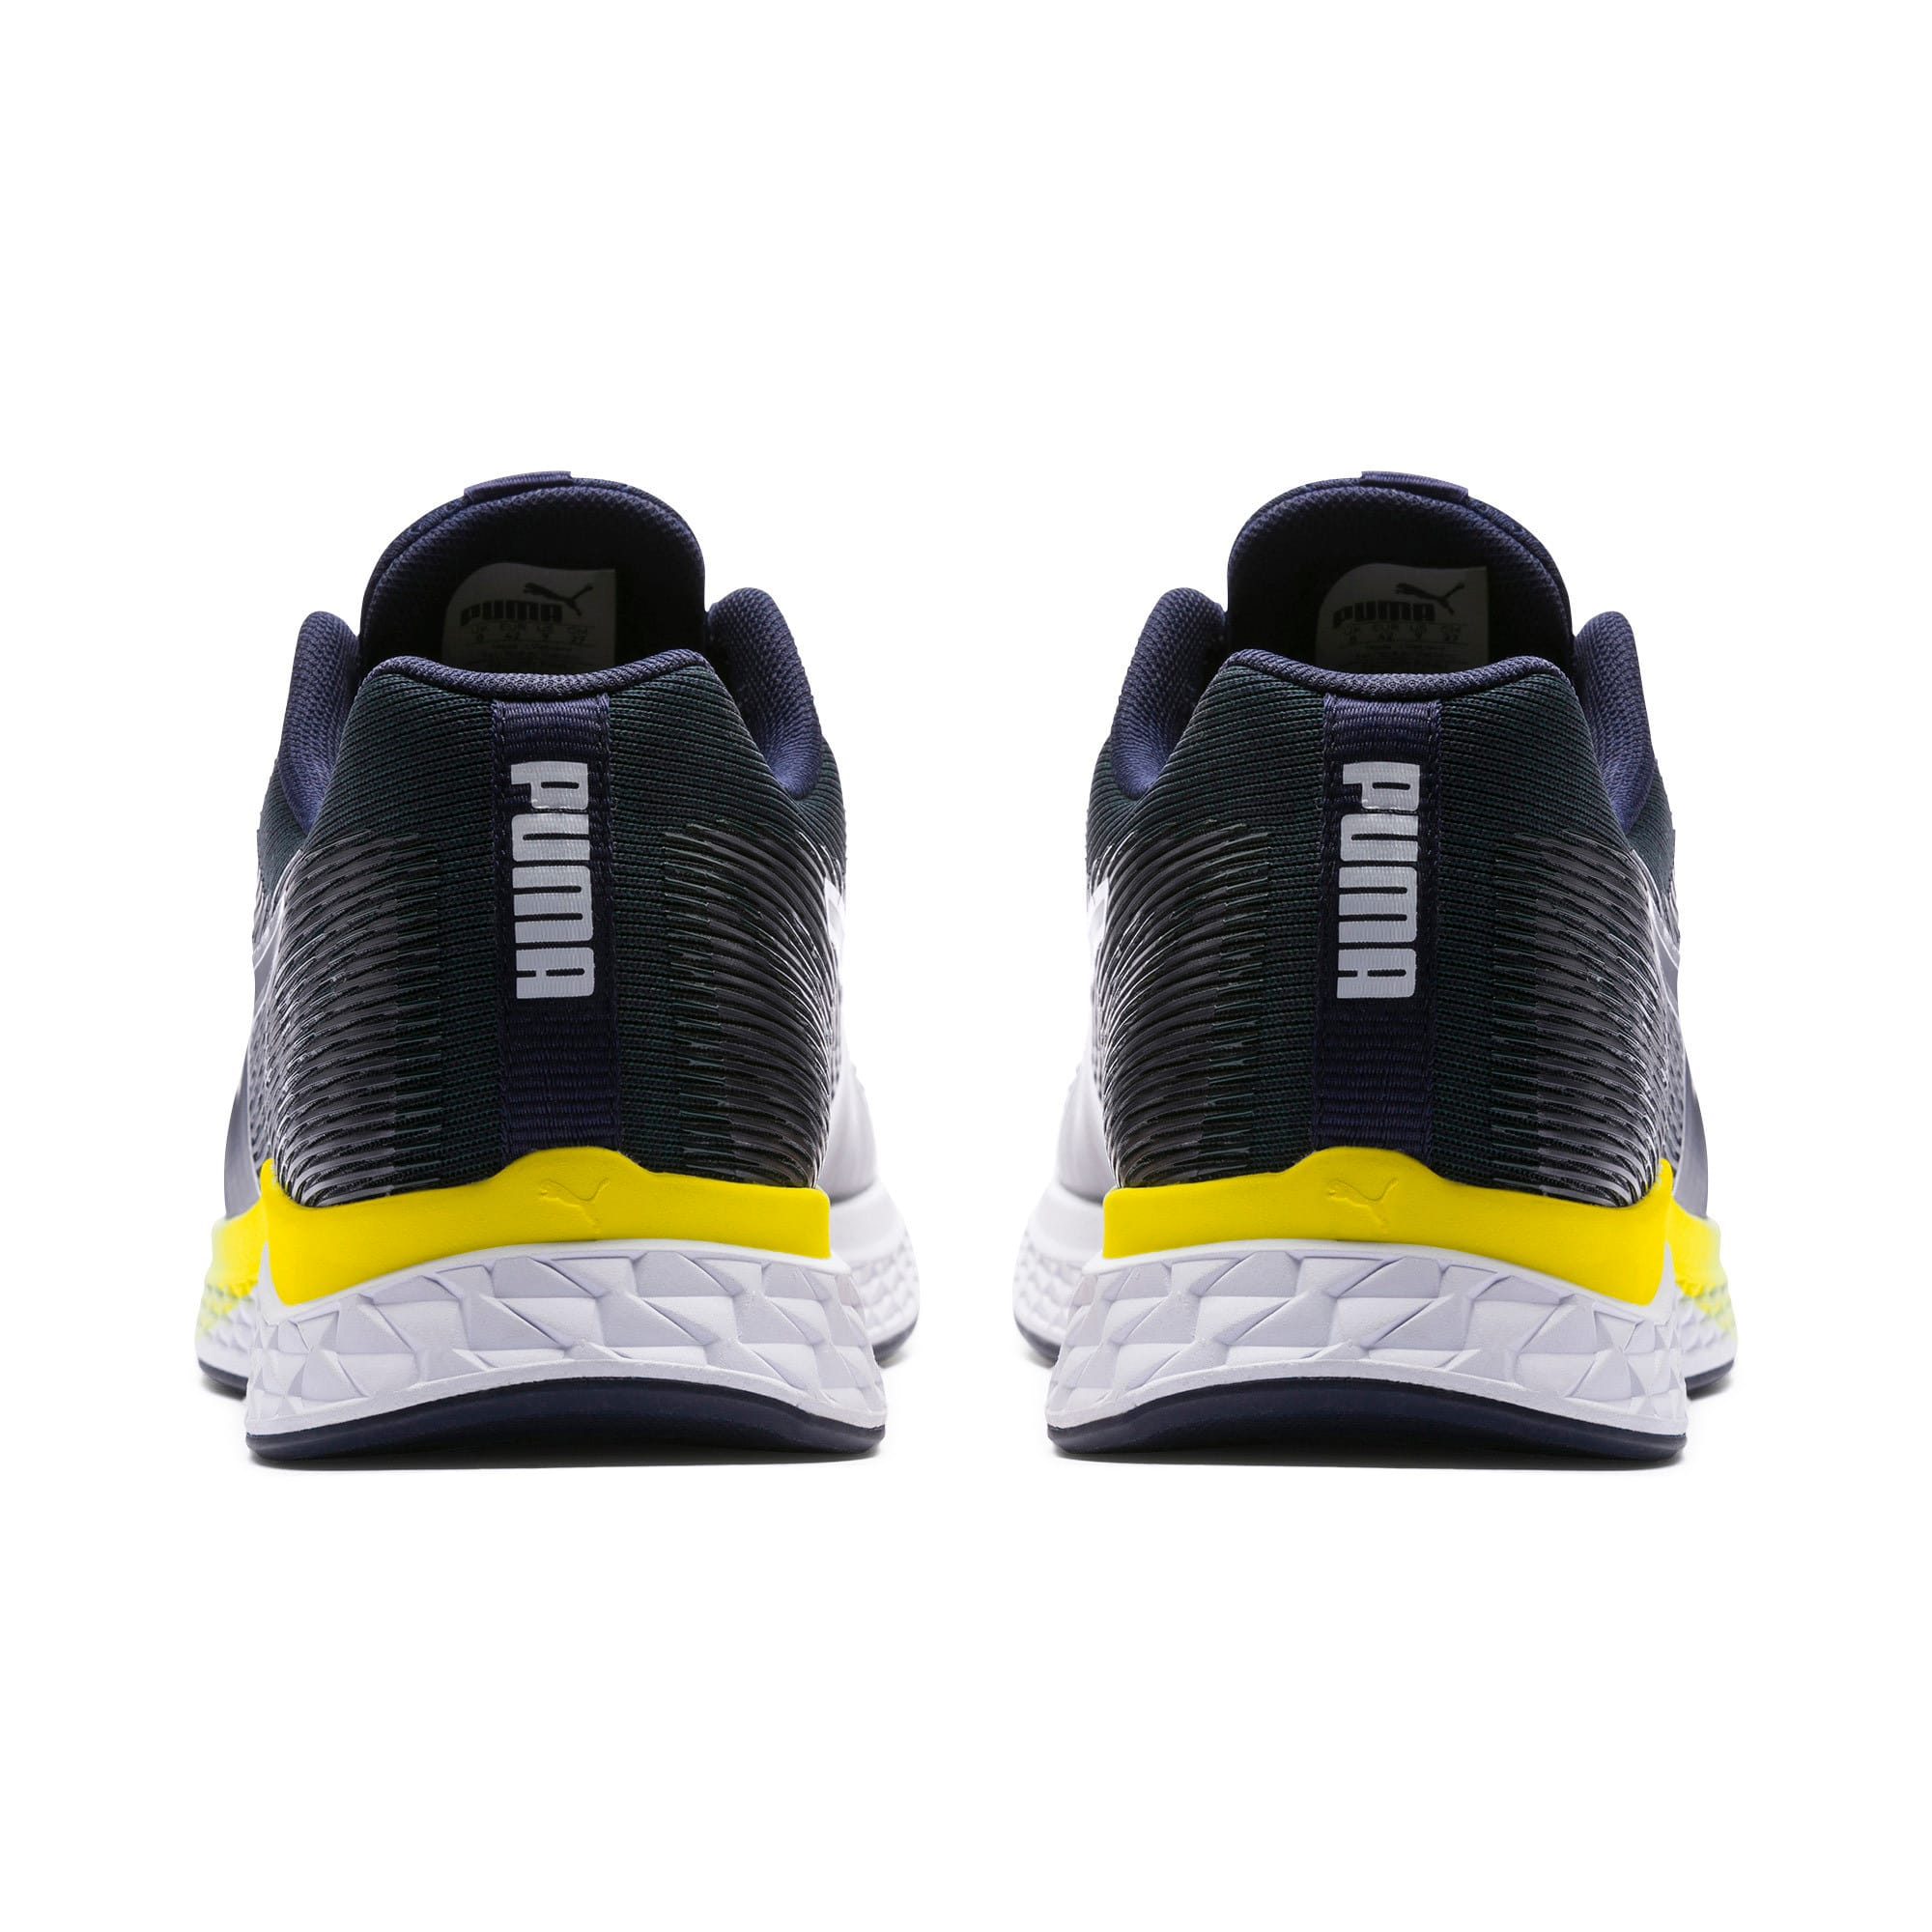 Thumbnail 3 of SPEED SUTAMINA Running Shoes, Peacoat-Blazing Yellow-White, medium